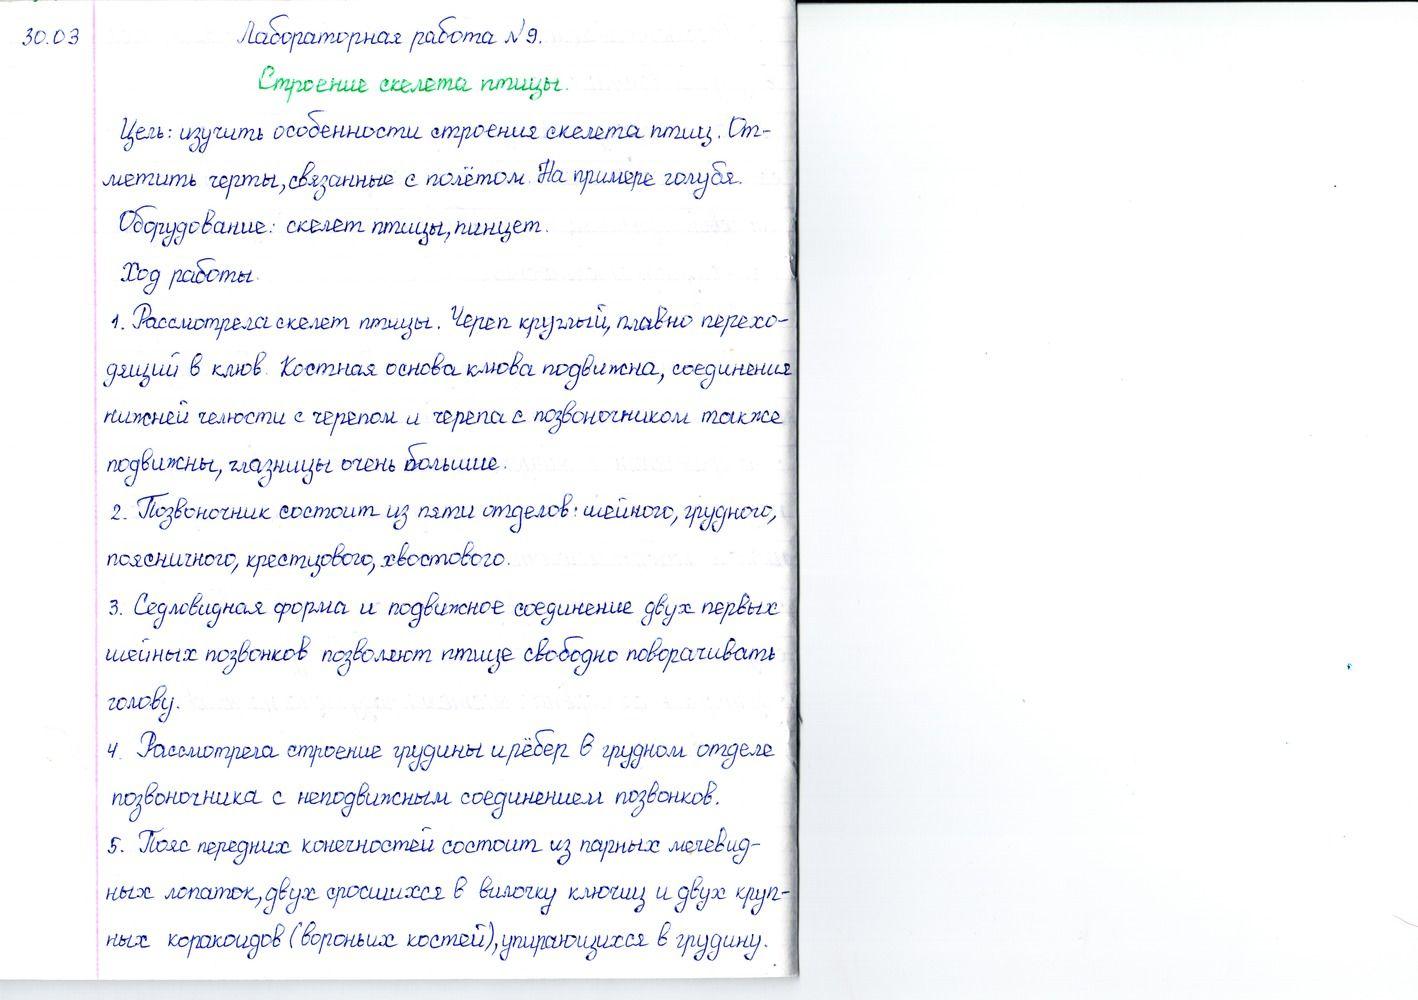 Решебник по математике класс пнш контроные работы atexic  Решебник по математике 3 класс пнш контроные работы